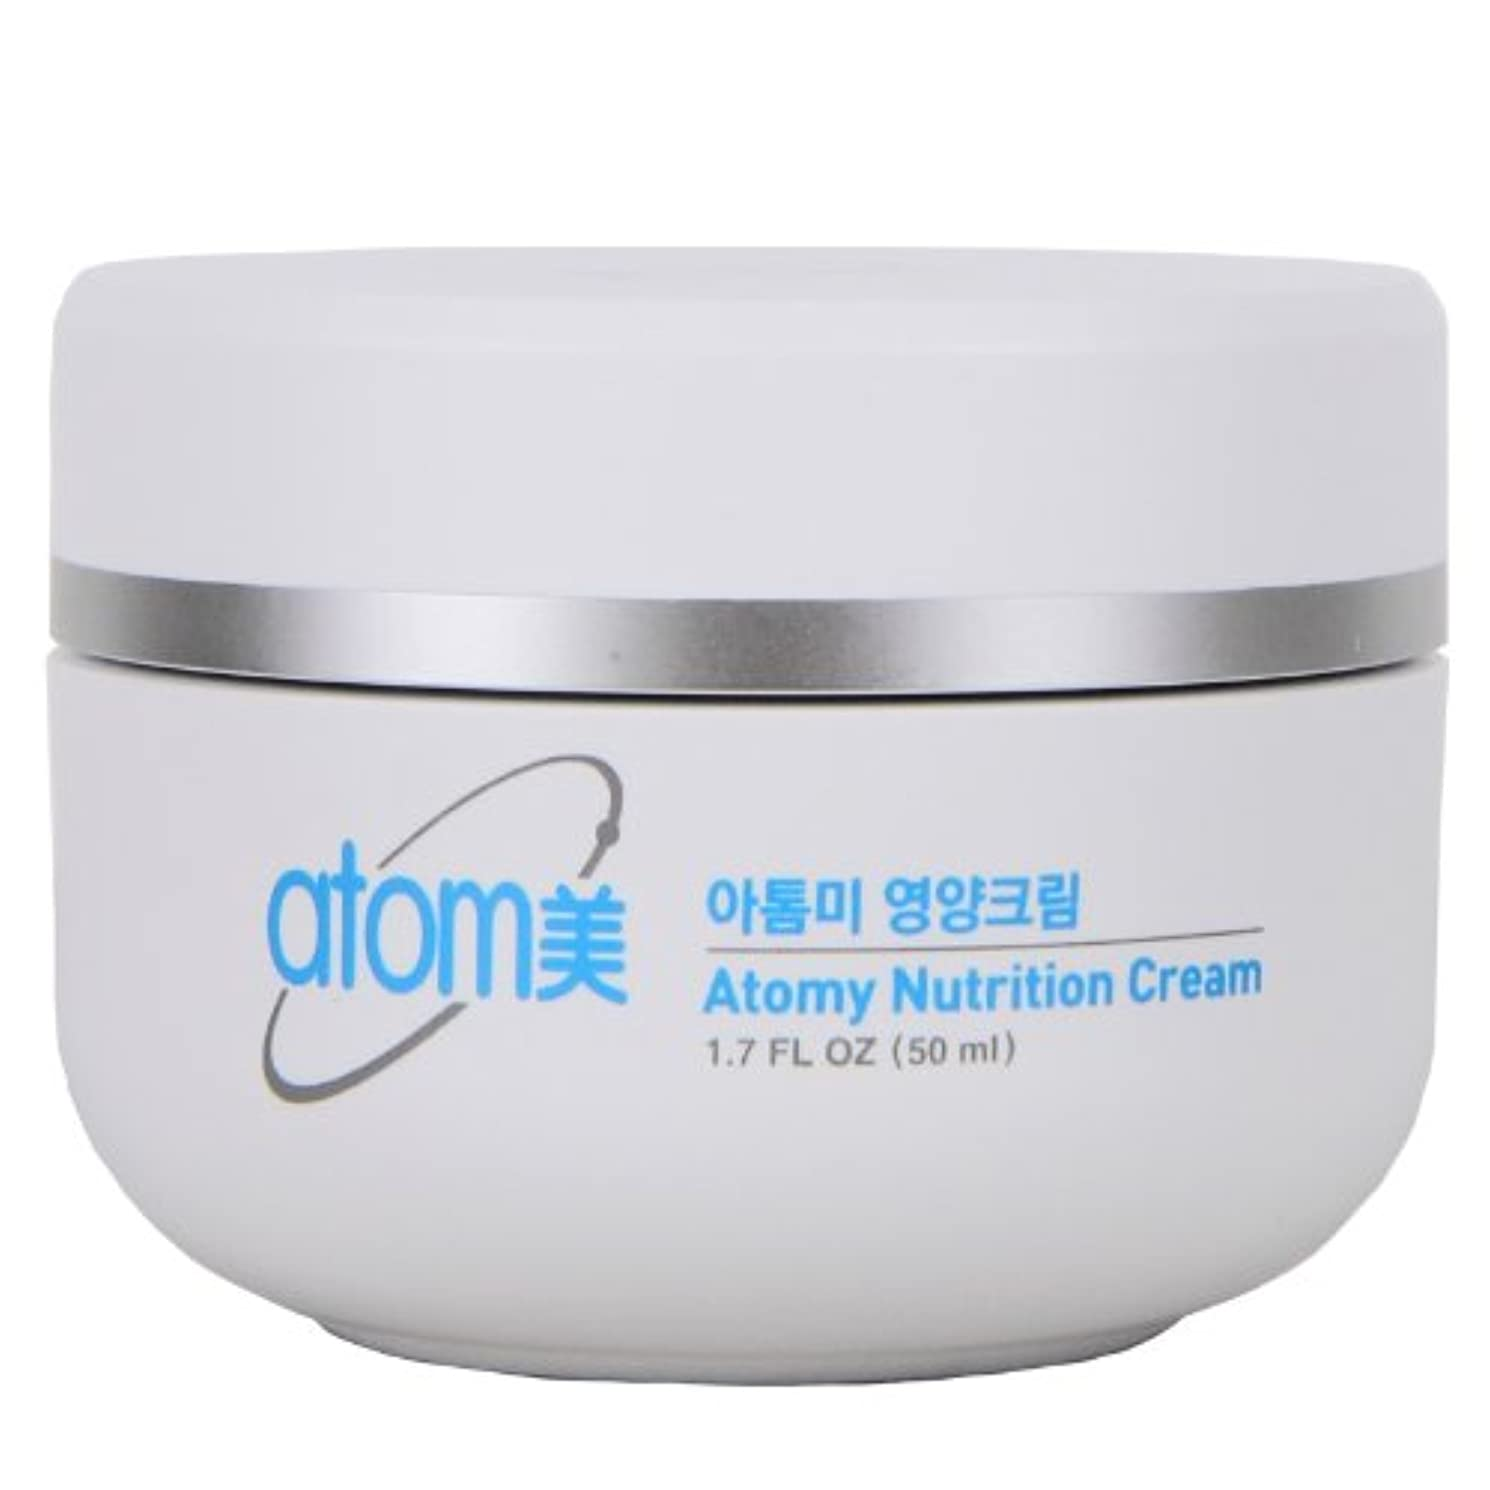 ポーター排出ビュッフェ韓国コスメ Atom美 アトミ クリーム ■ナチュラルコスメ